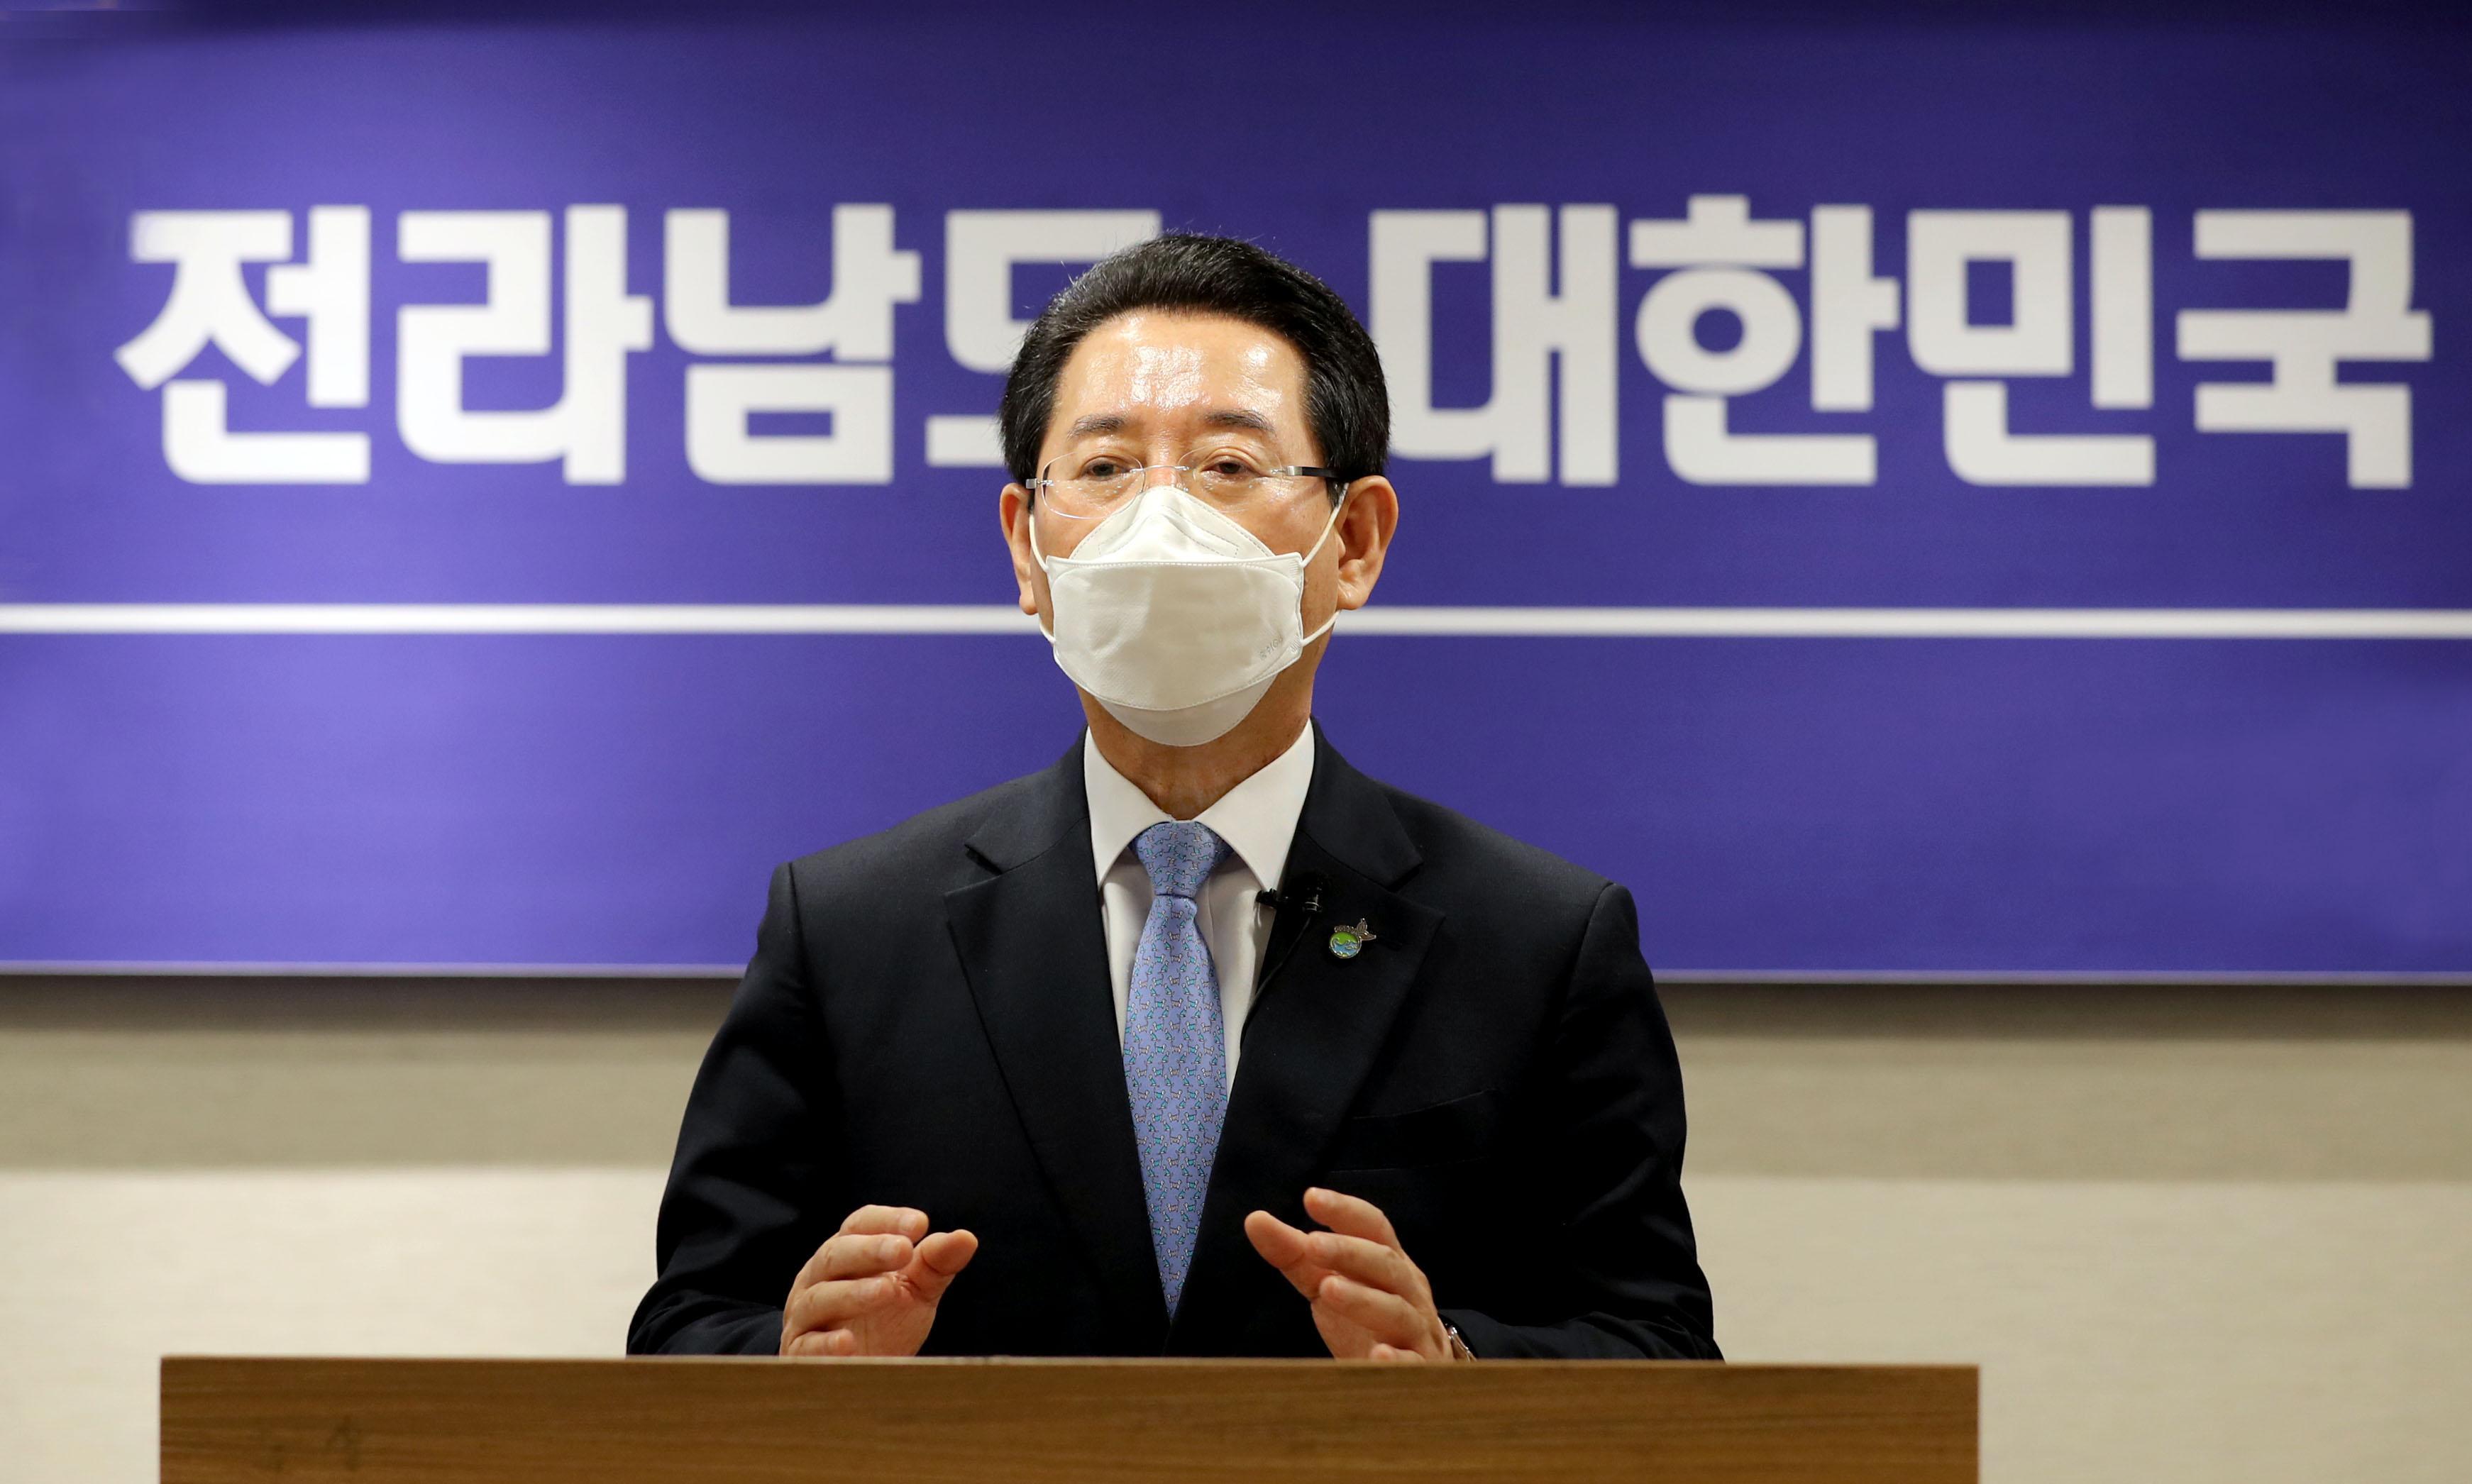 「한국섬진흥원」 설립지역은 전라남도 목포시로 결정